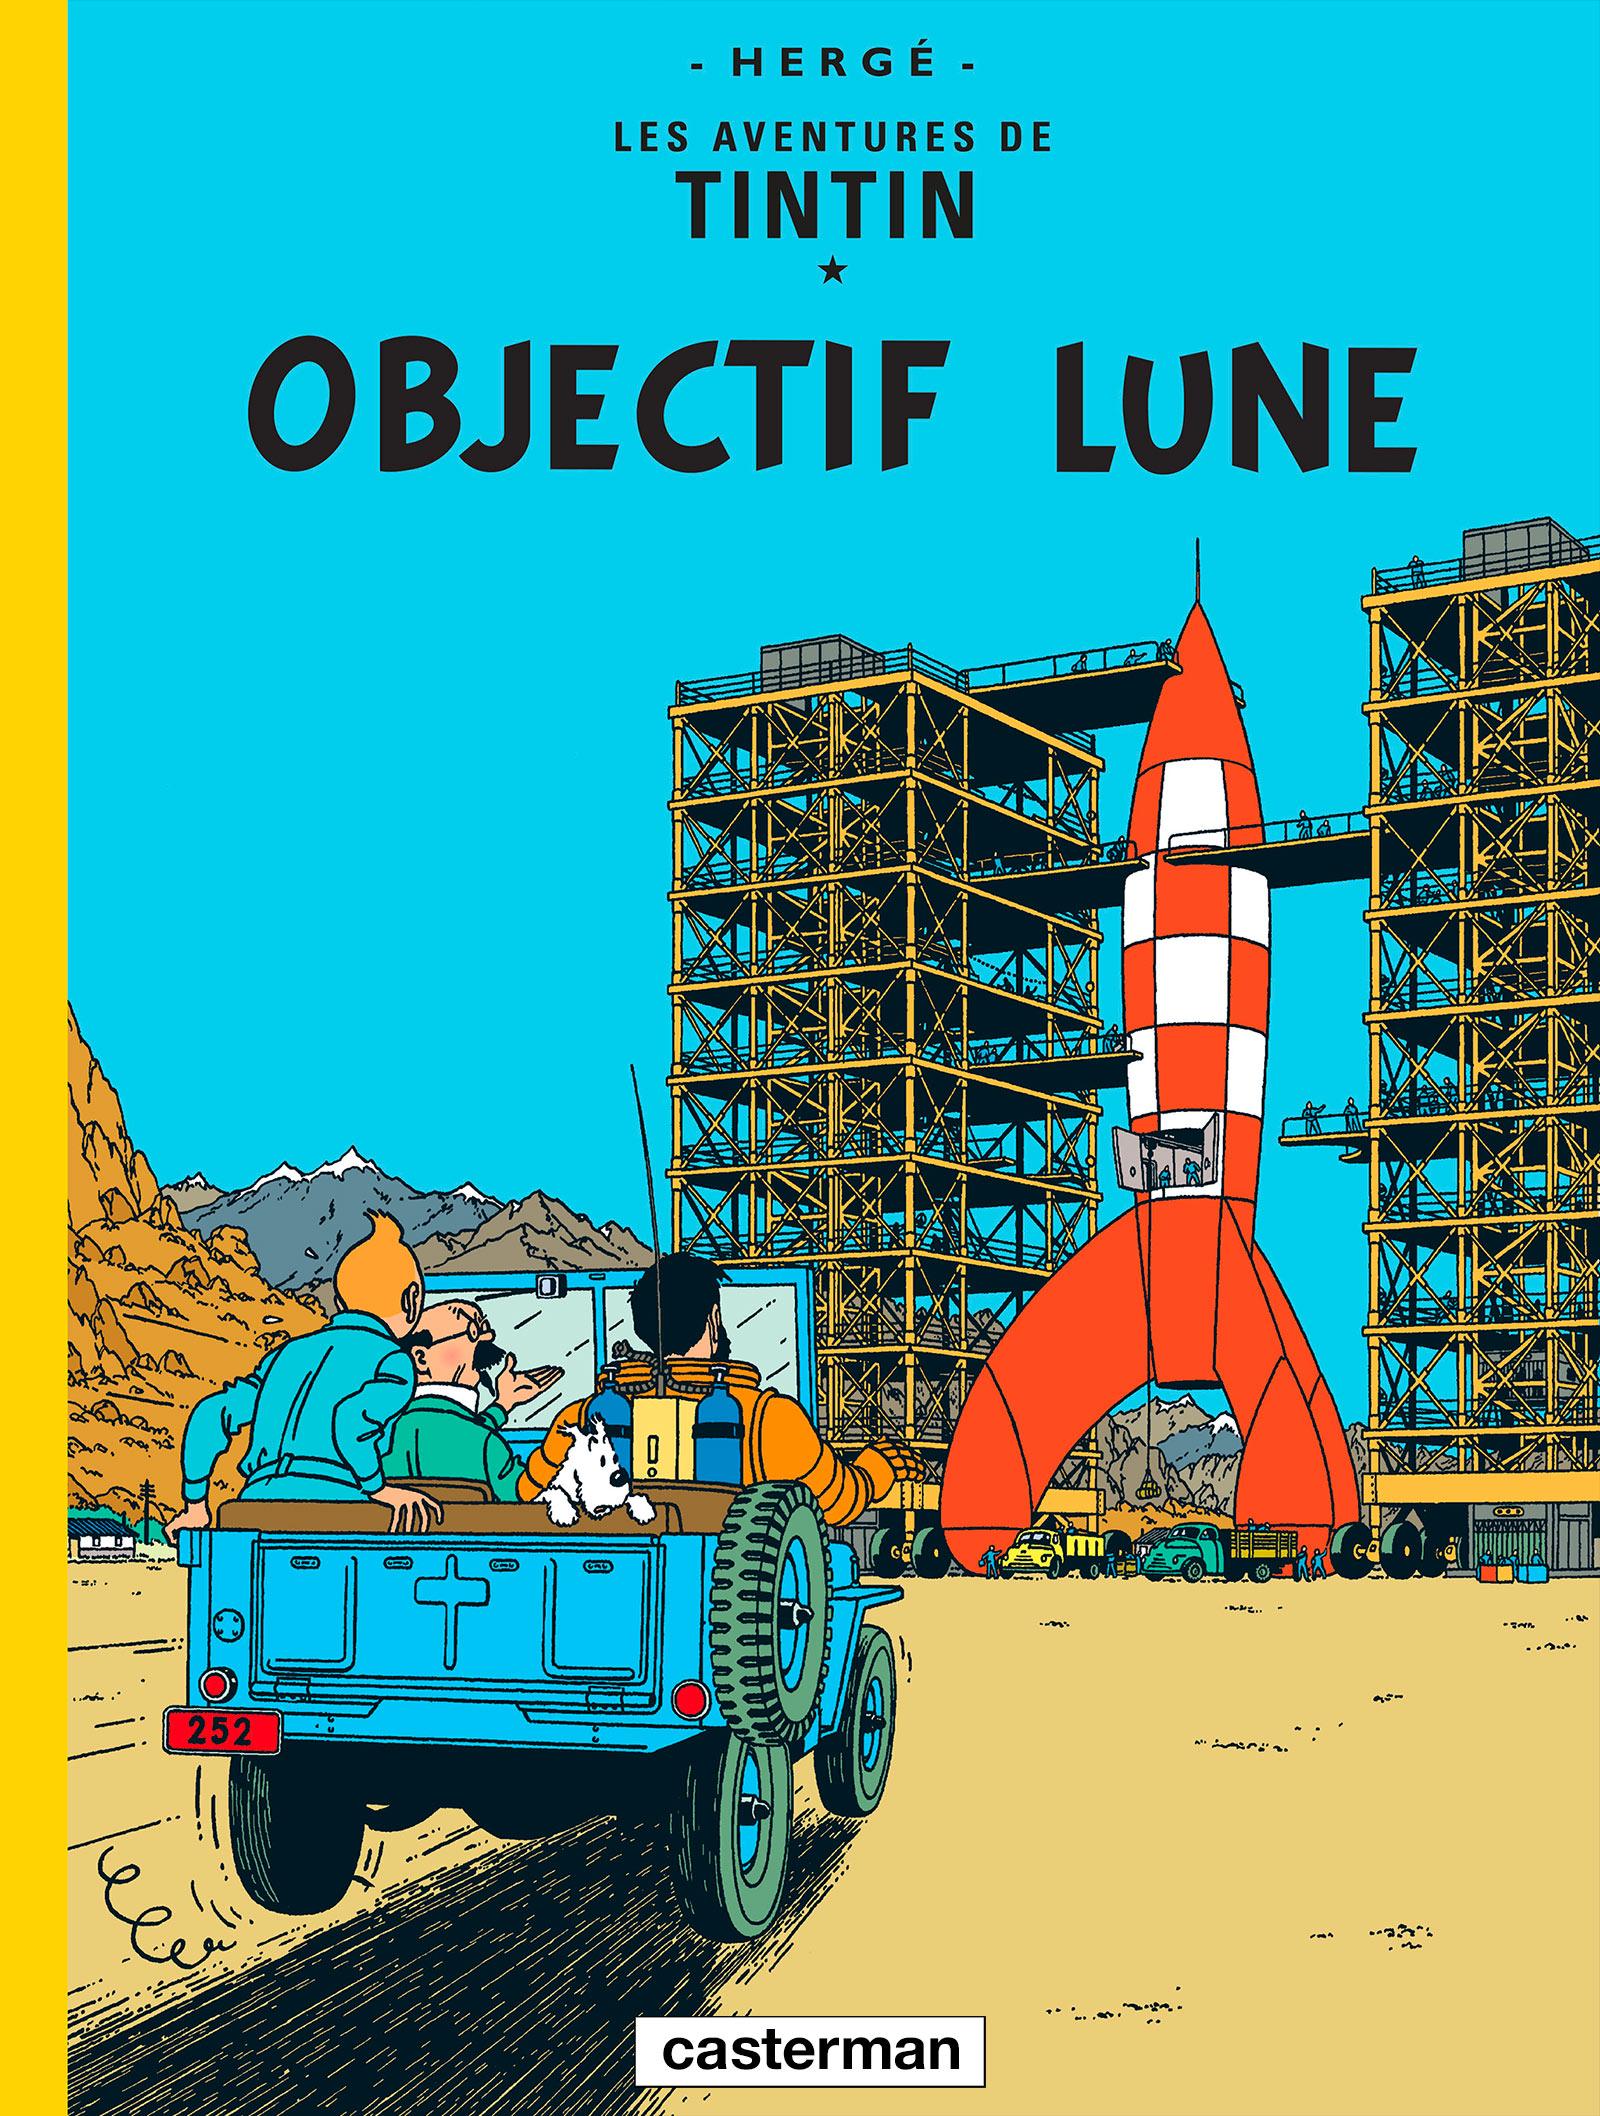 Objectif Lune de Hergé